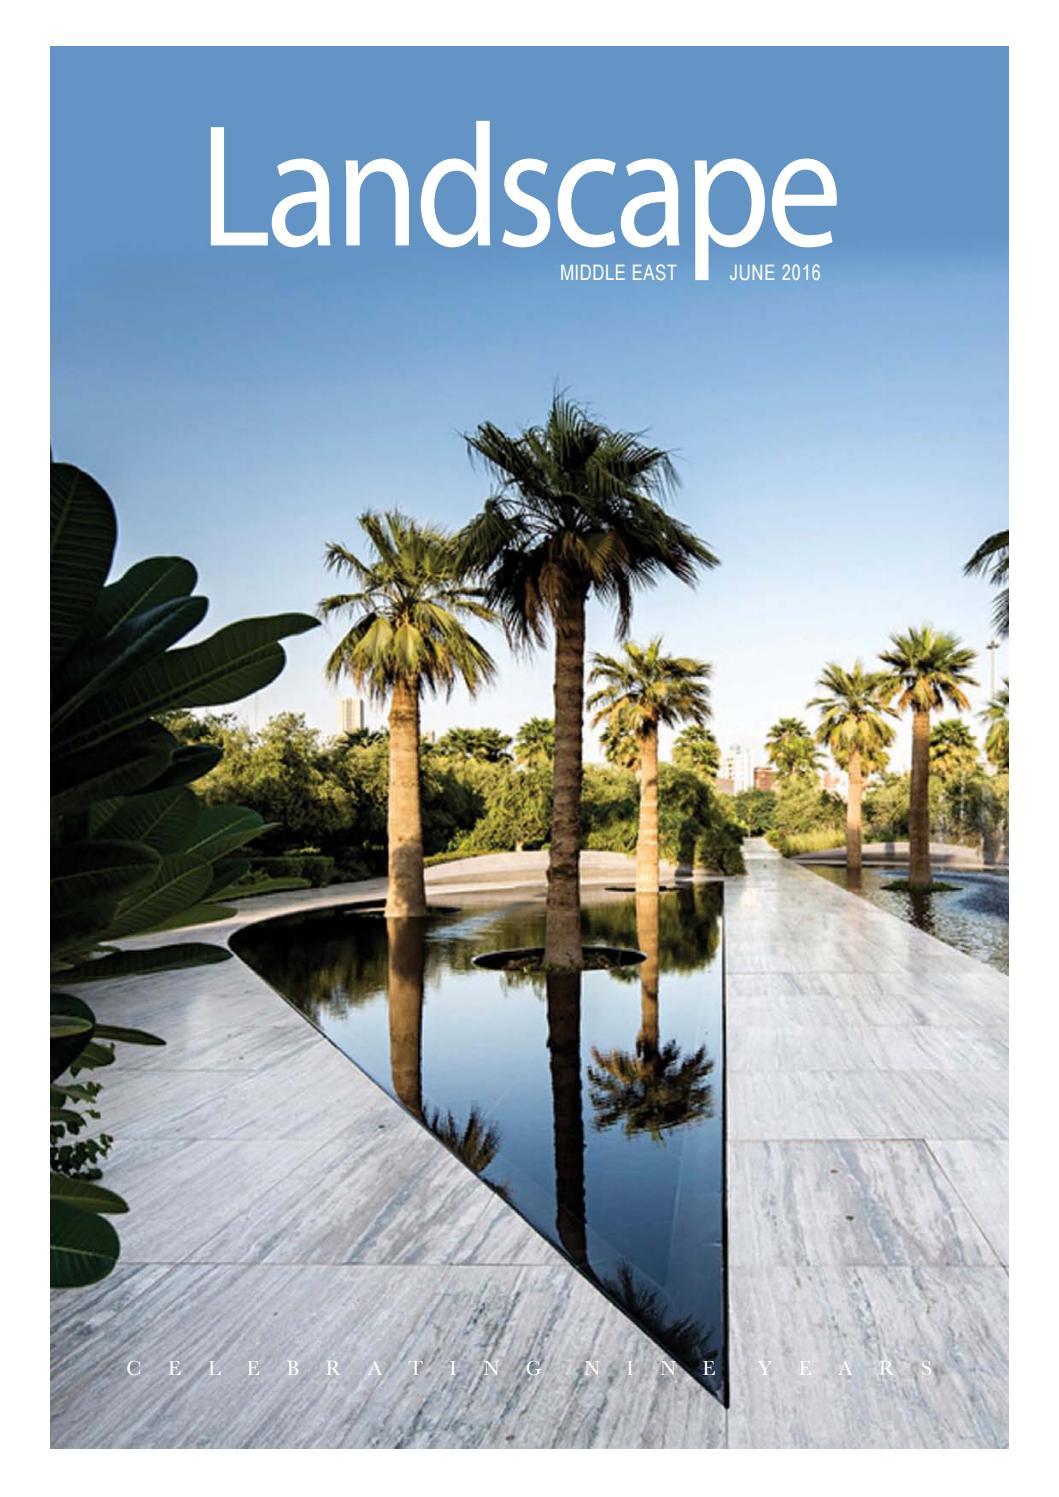 Landscape Magazine June 2016 By Allan Castro Issuu